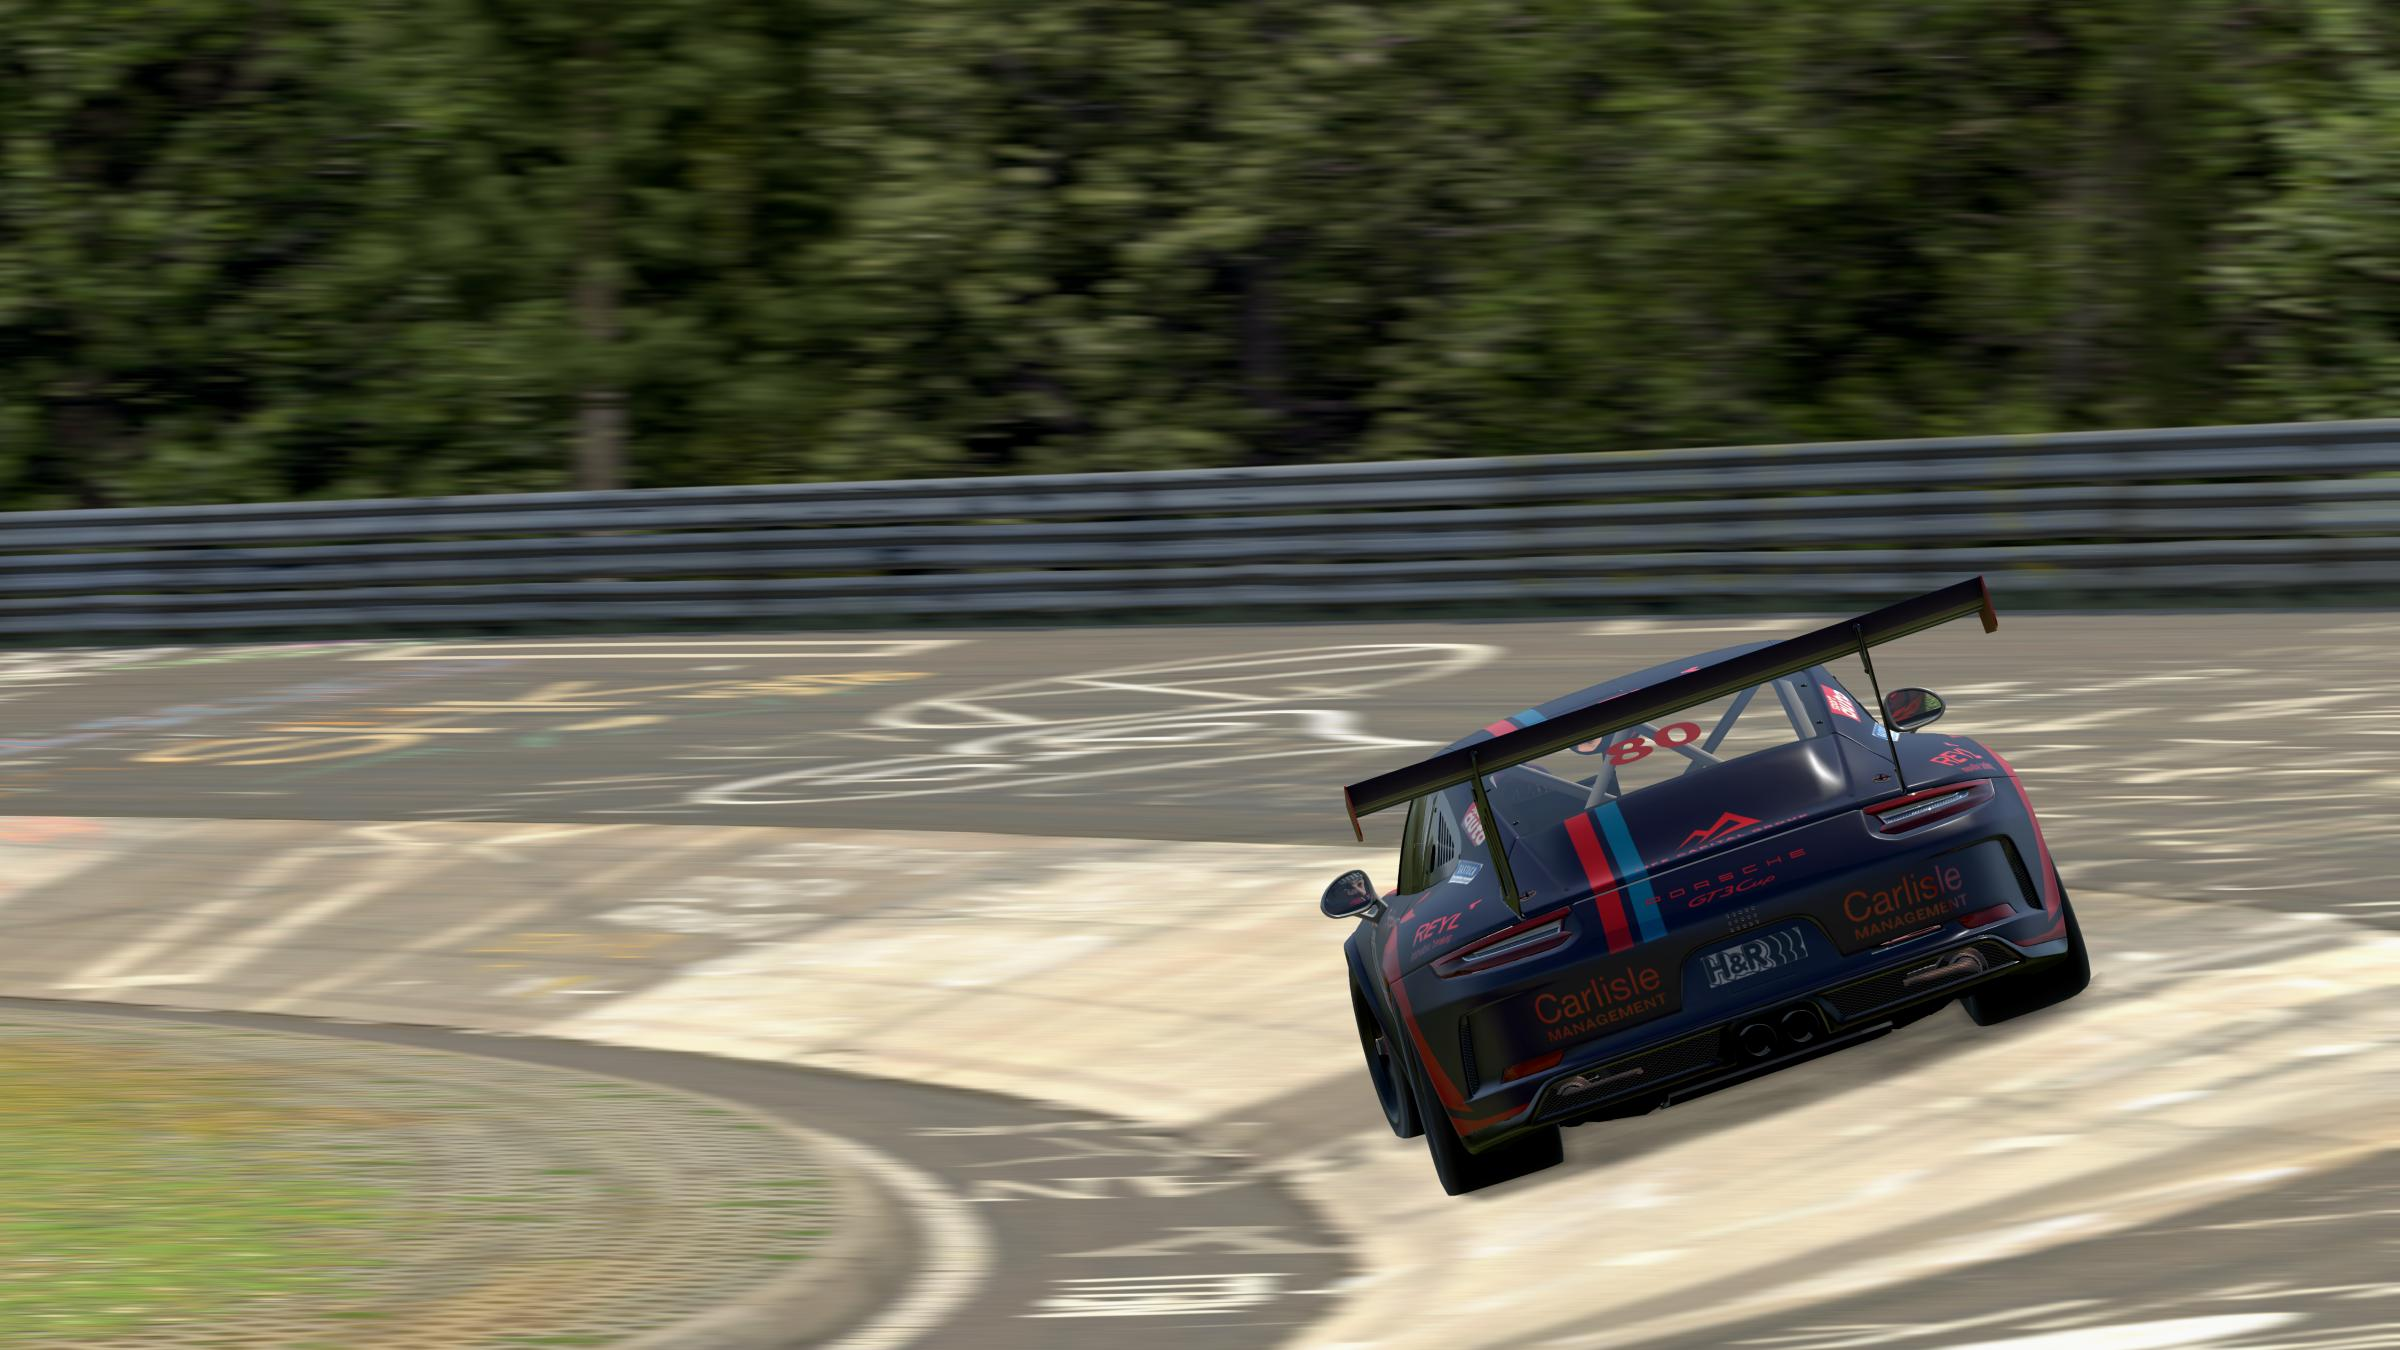 Preview of Huber Motorsport Porsche 911 GT3 Cup by Vincent Van der Heyden